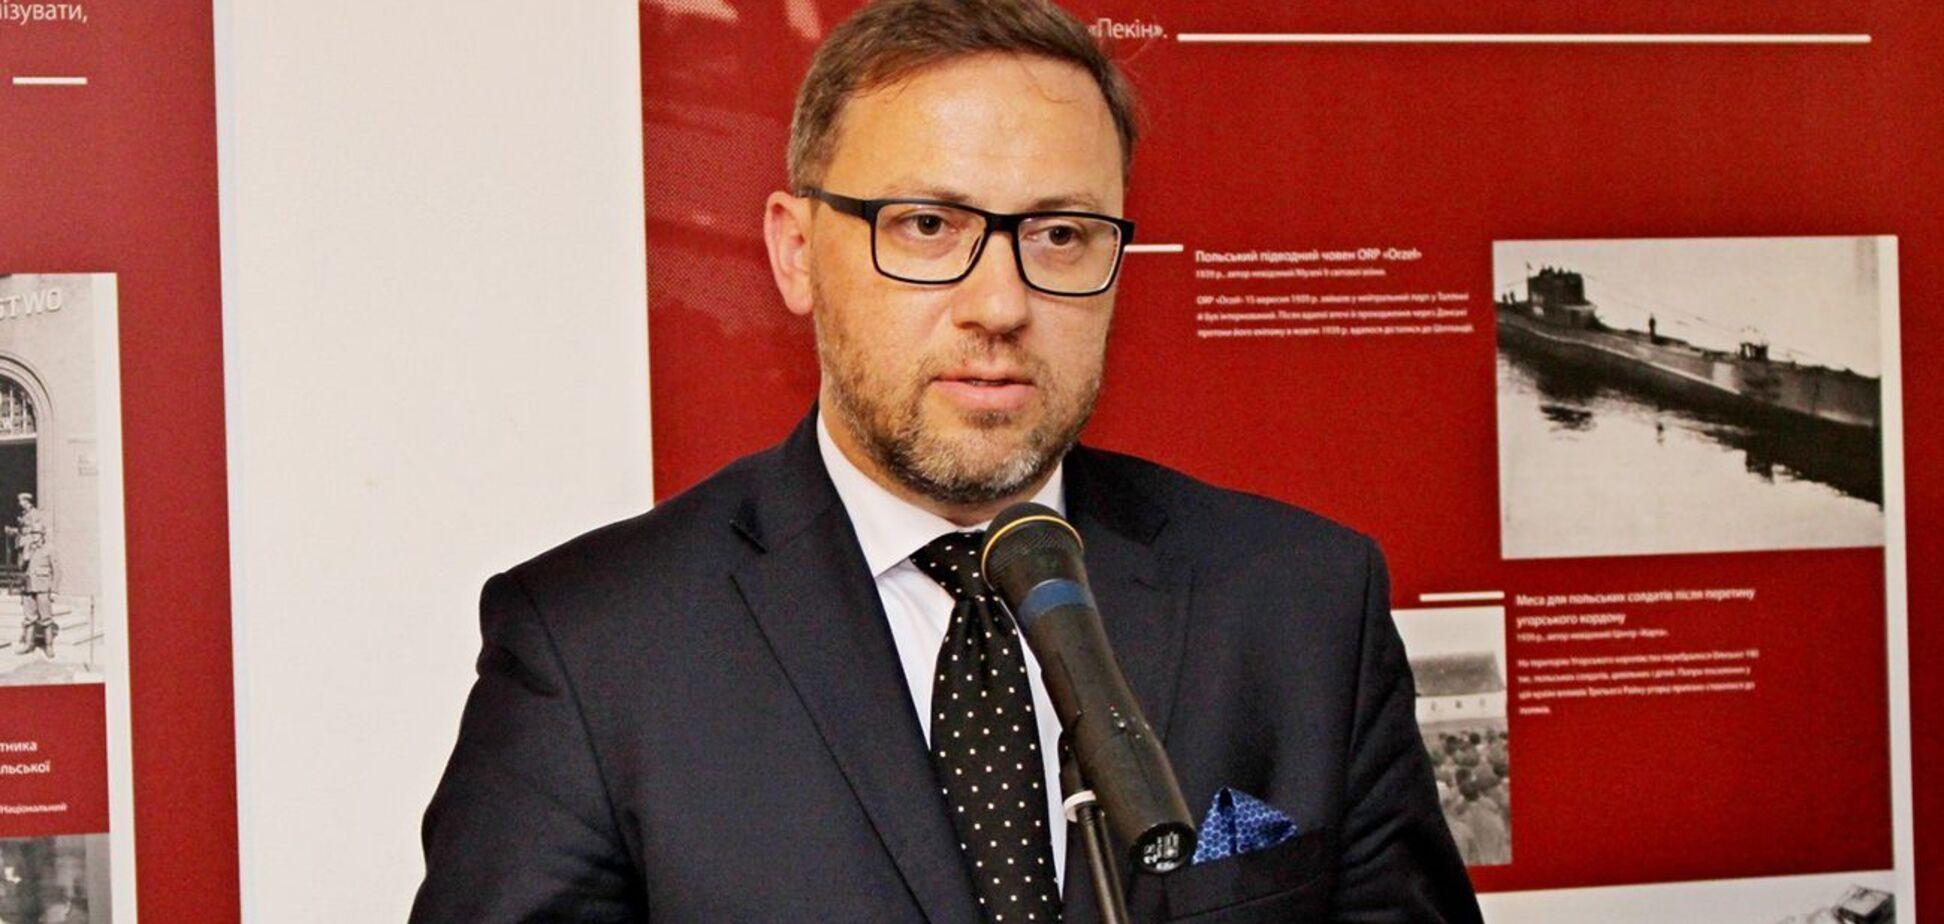 Посол Польщі в Україні – про воєнні навчання РФ: довіра до країни нульова